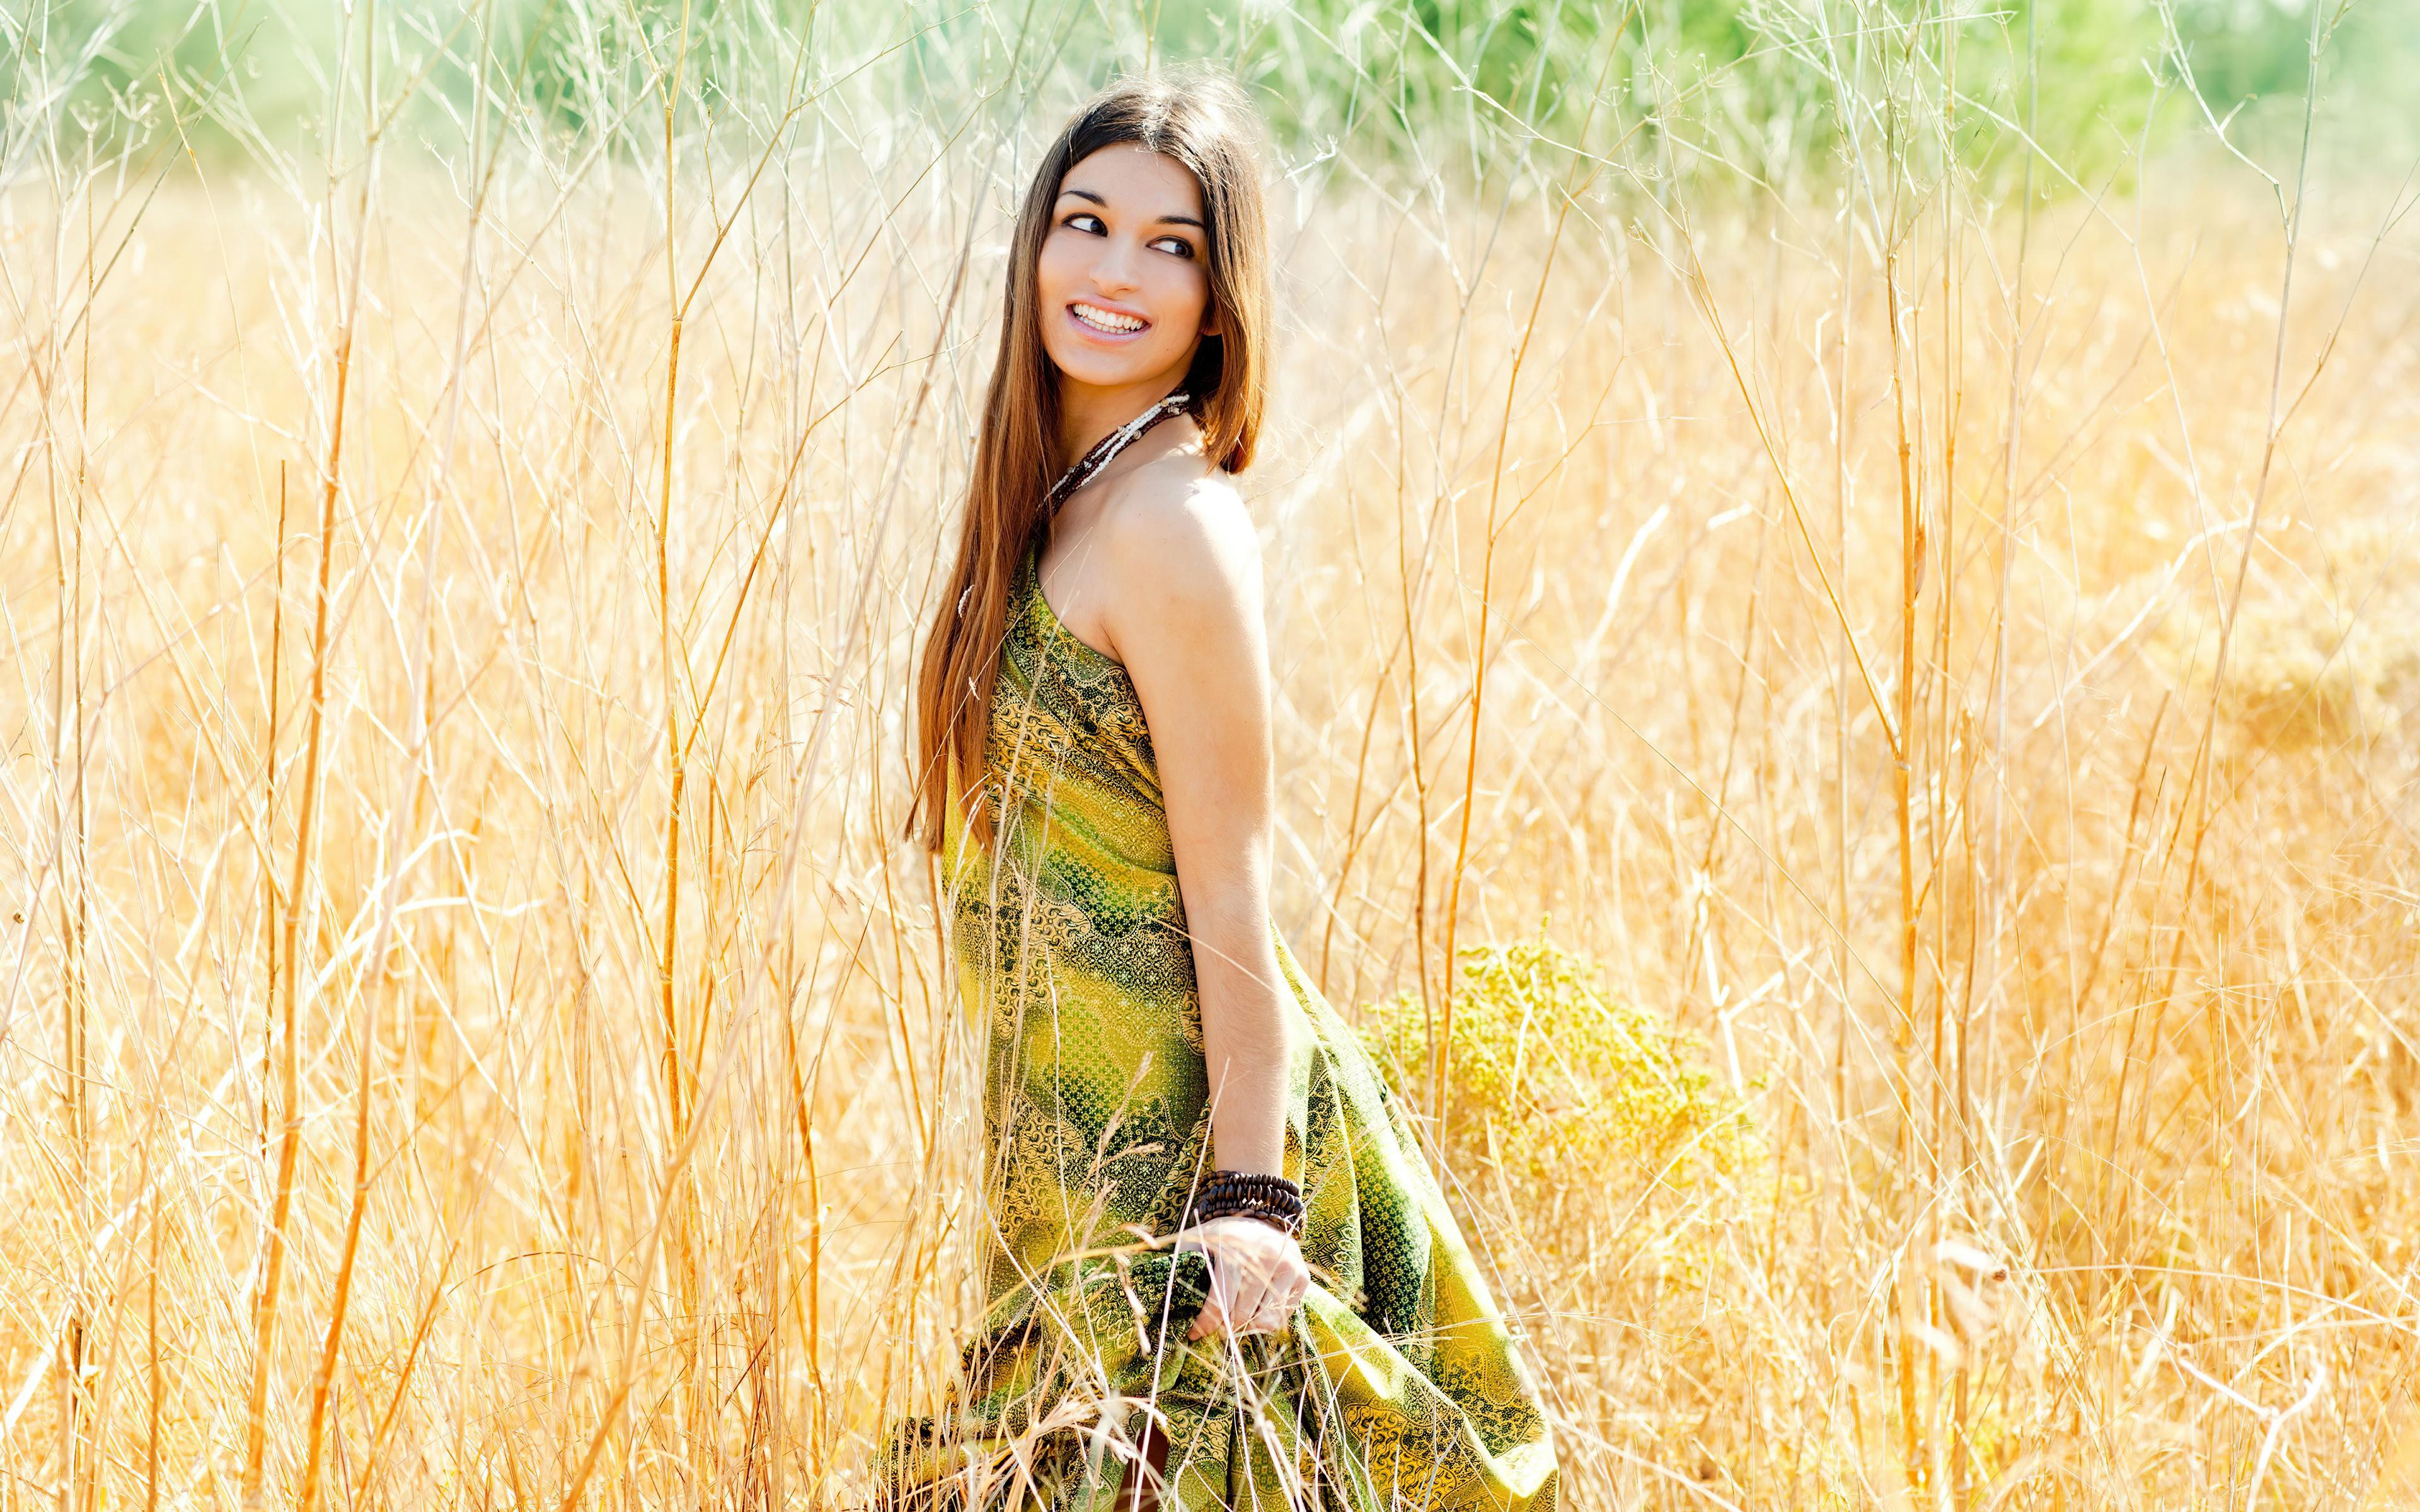 girl smiling summer of field 4k 1596916341 - Girl Smiling Summer Of Field 4k -